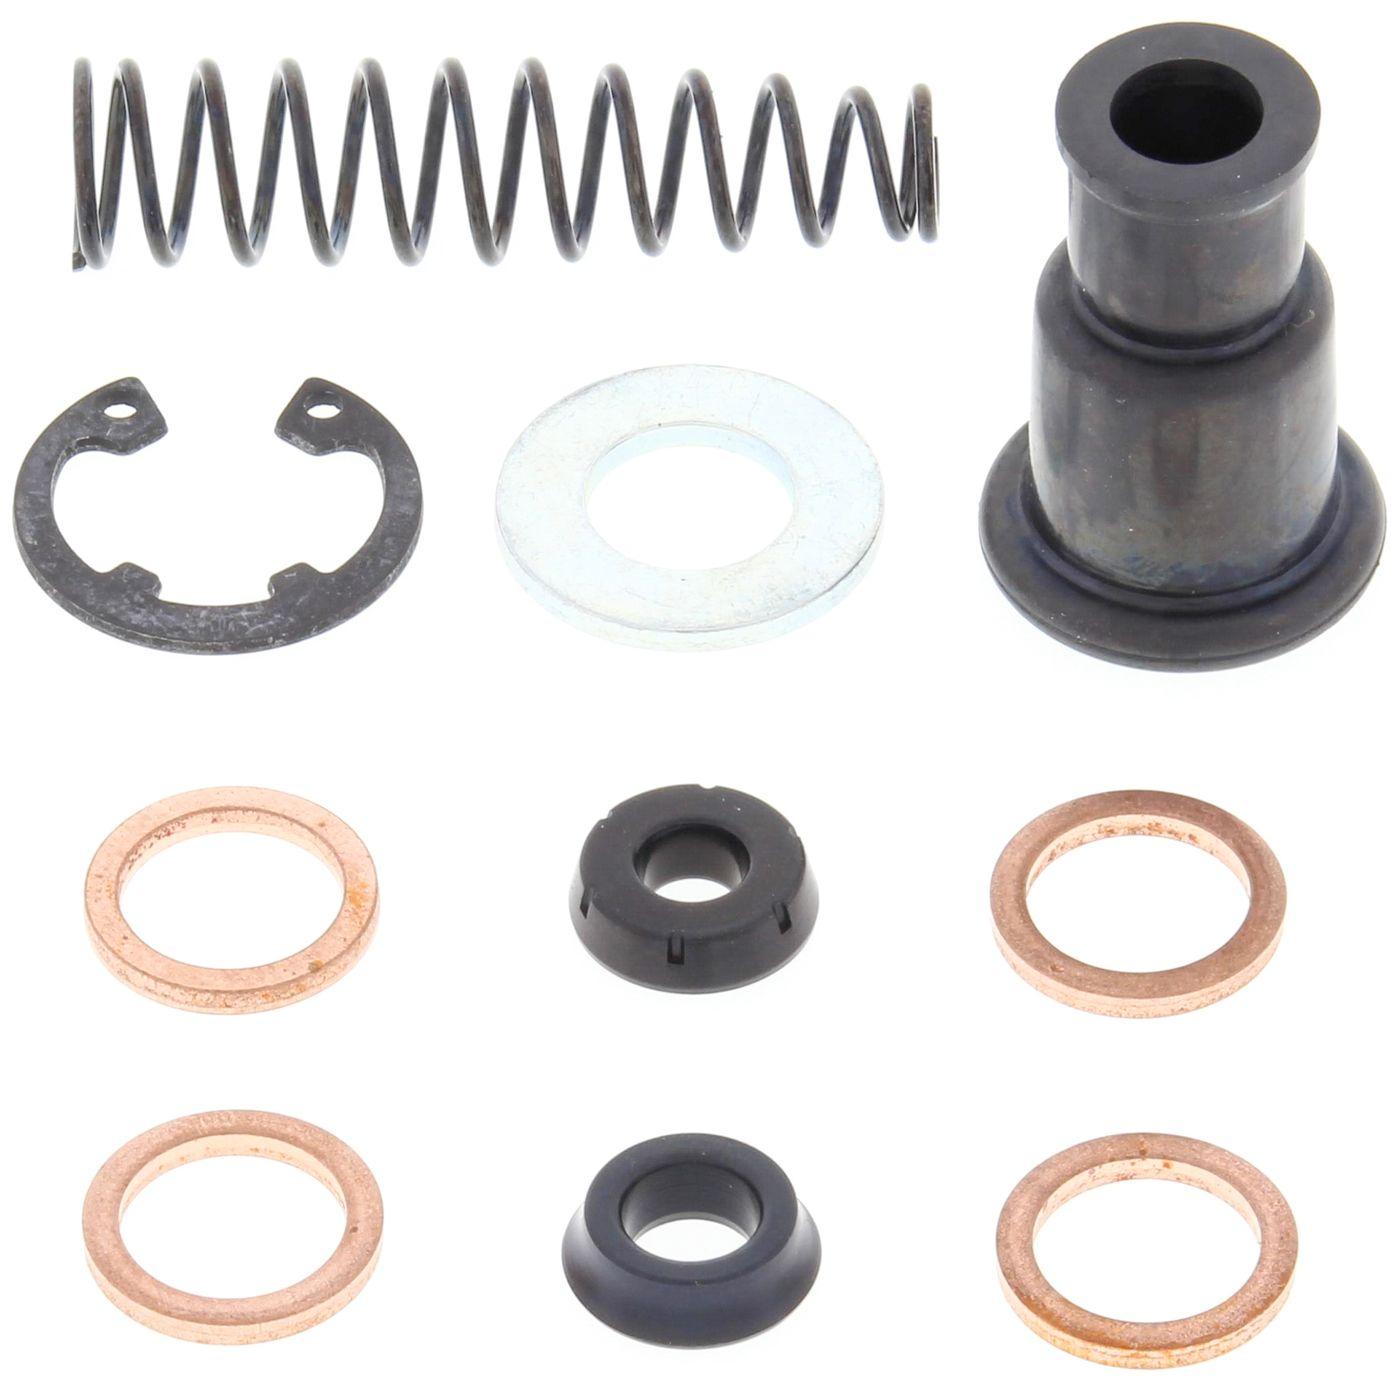 Wrp Master Cylinder Repair Kit - WRP181005 image